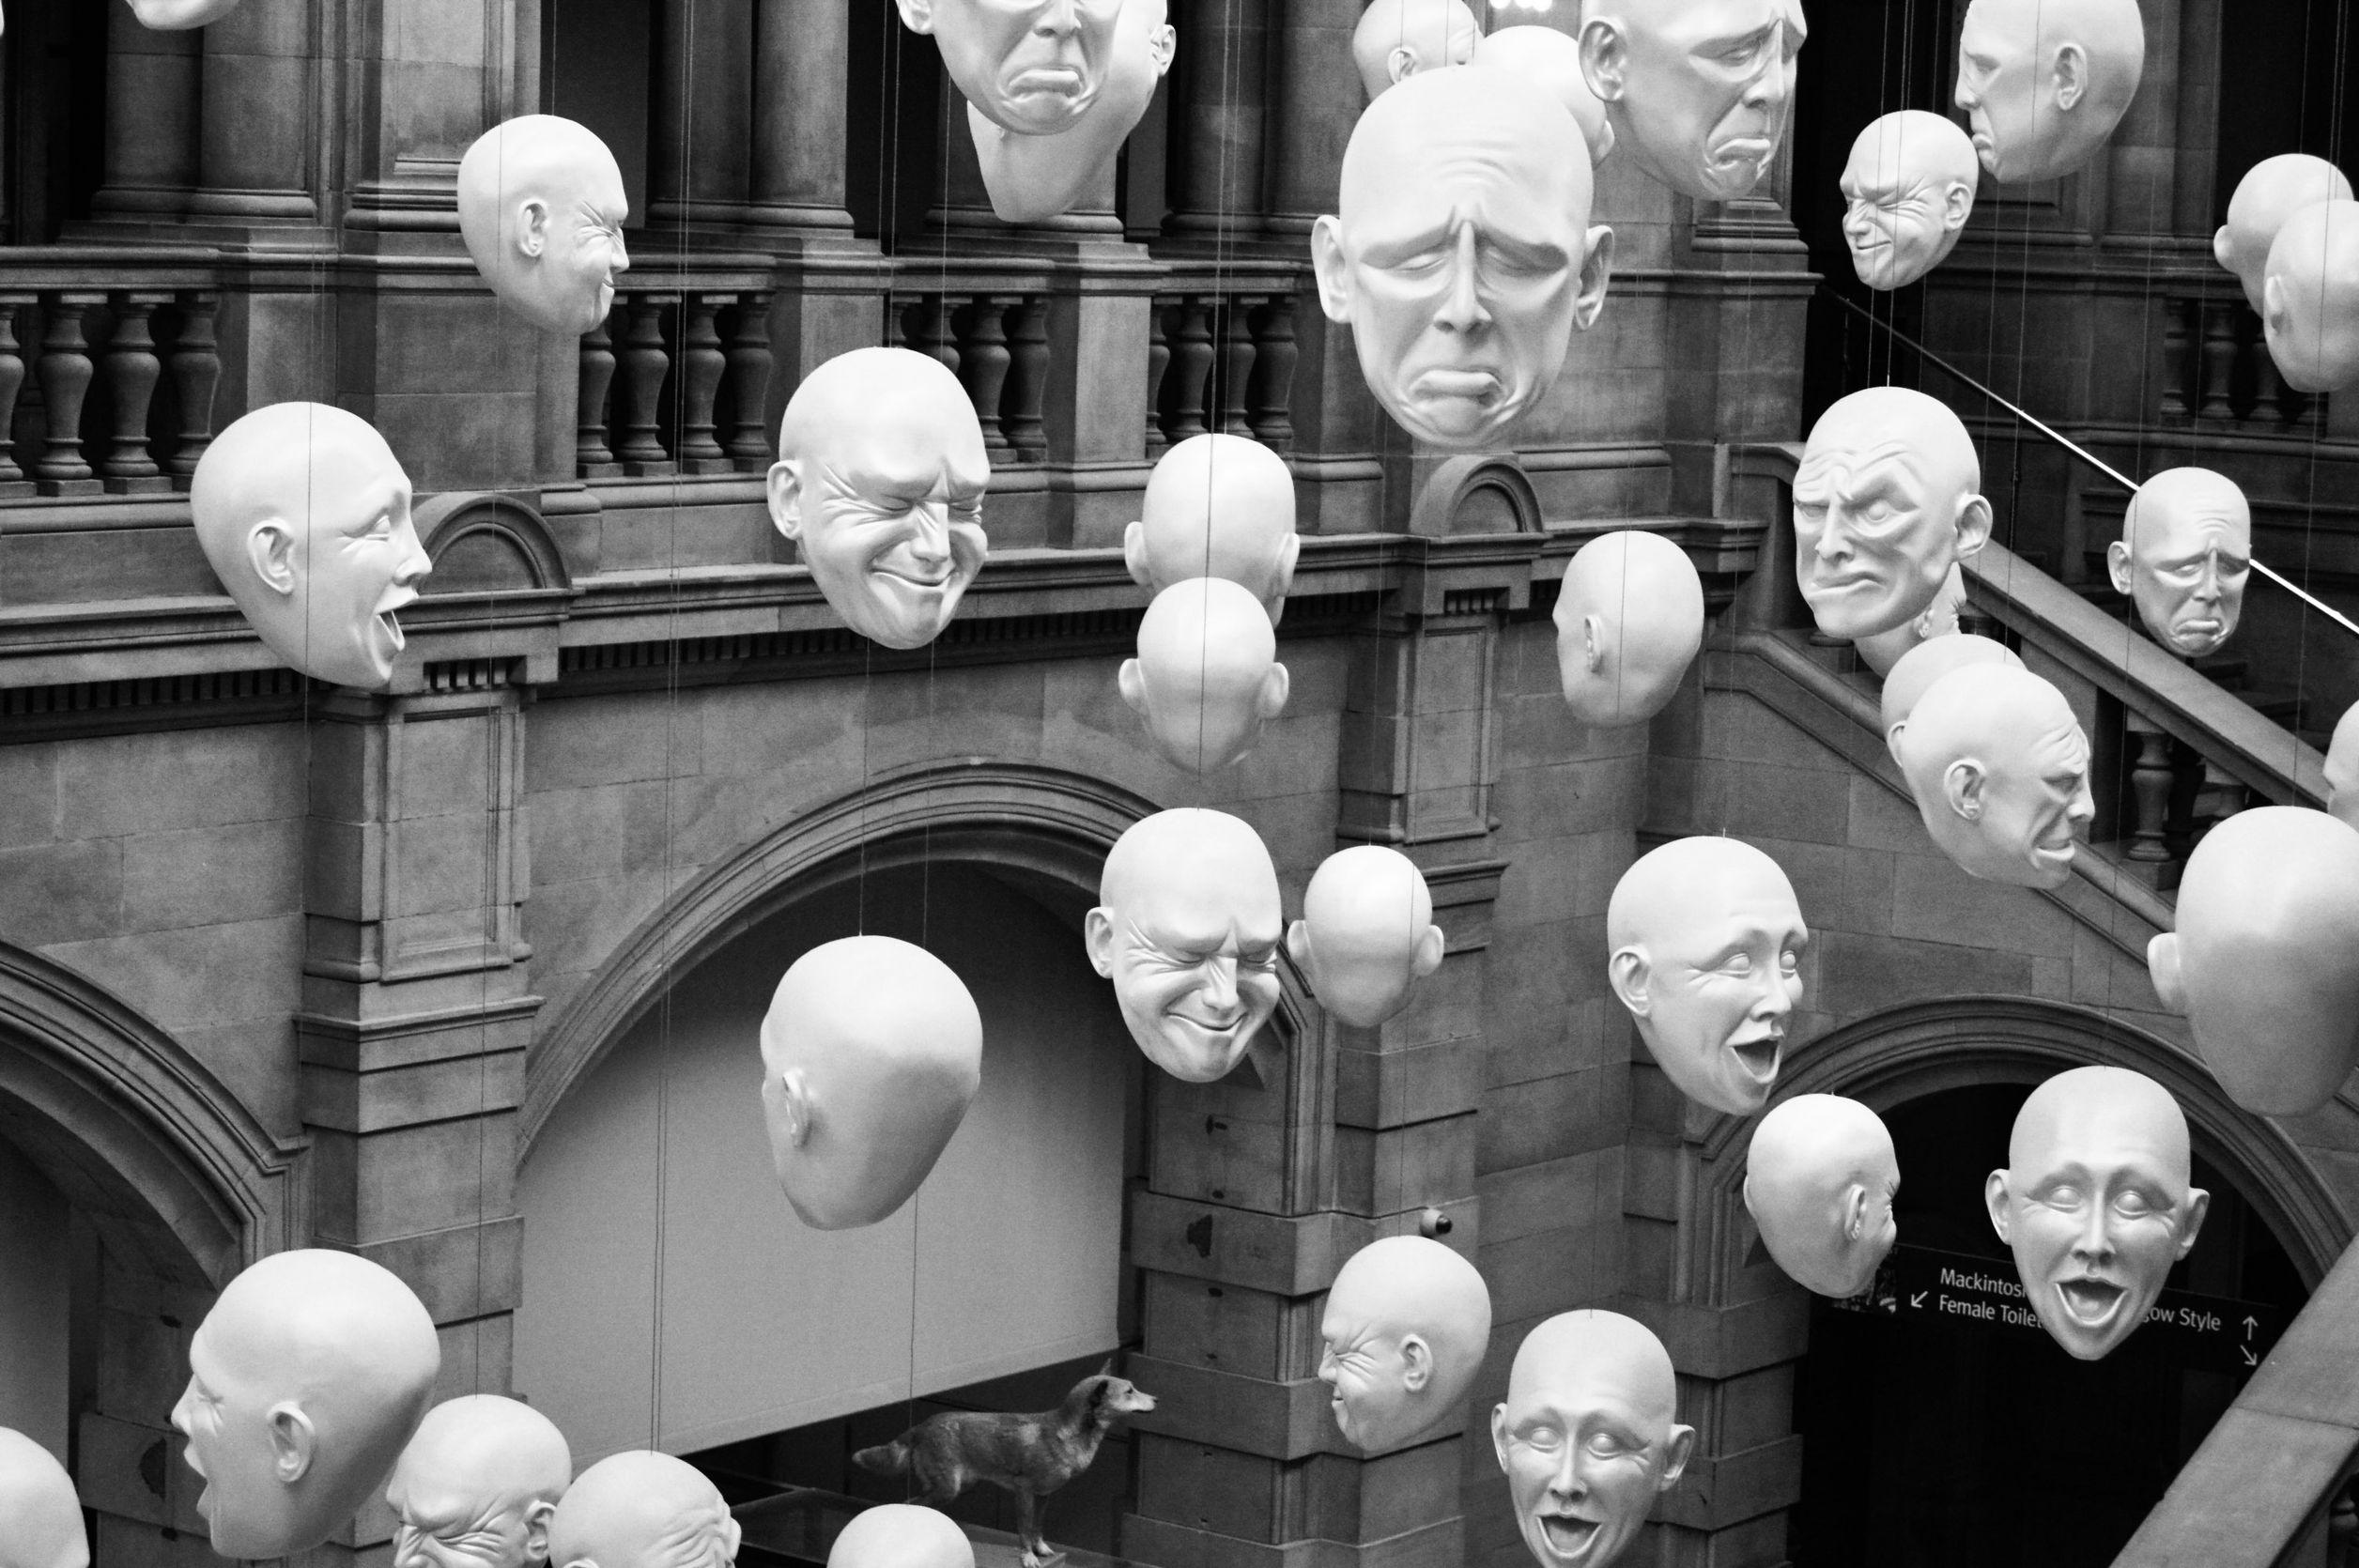 máscaras com várias emoções, todas penduradas em um pátio.